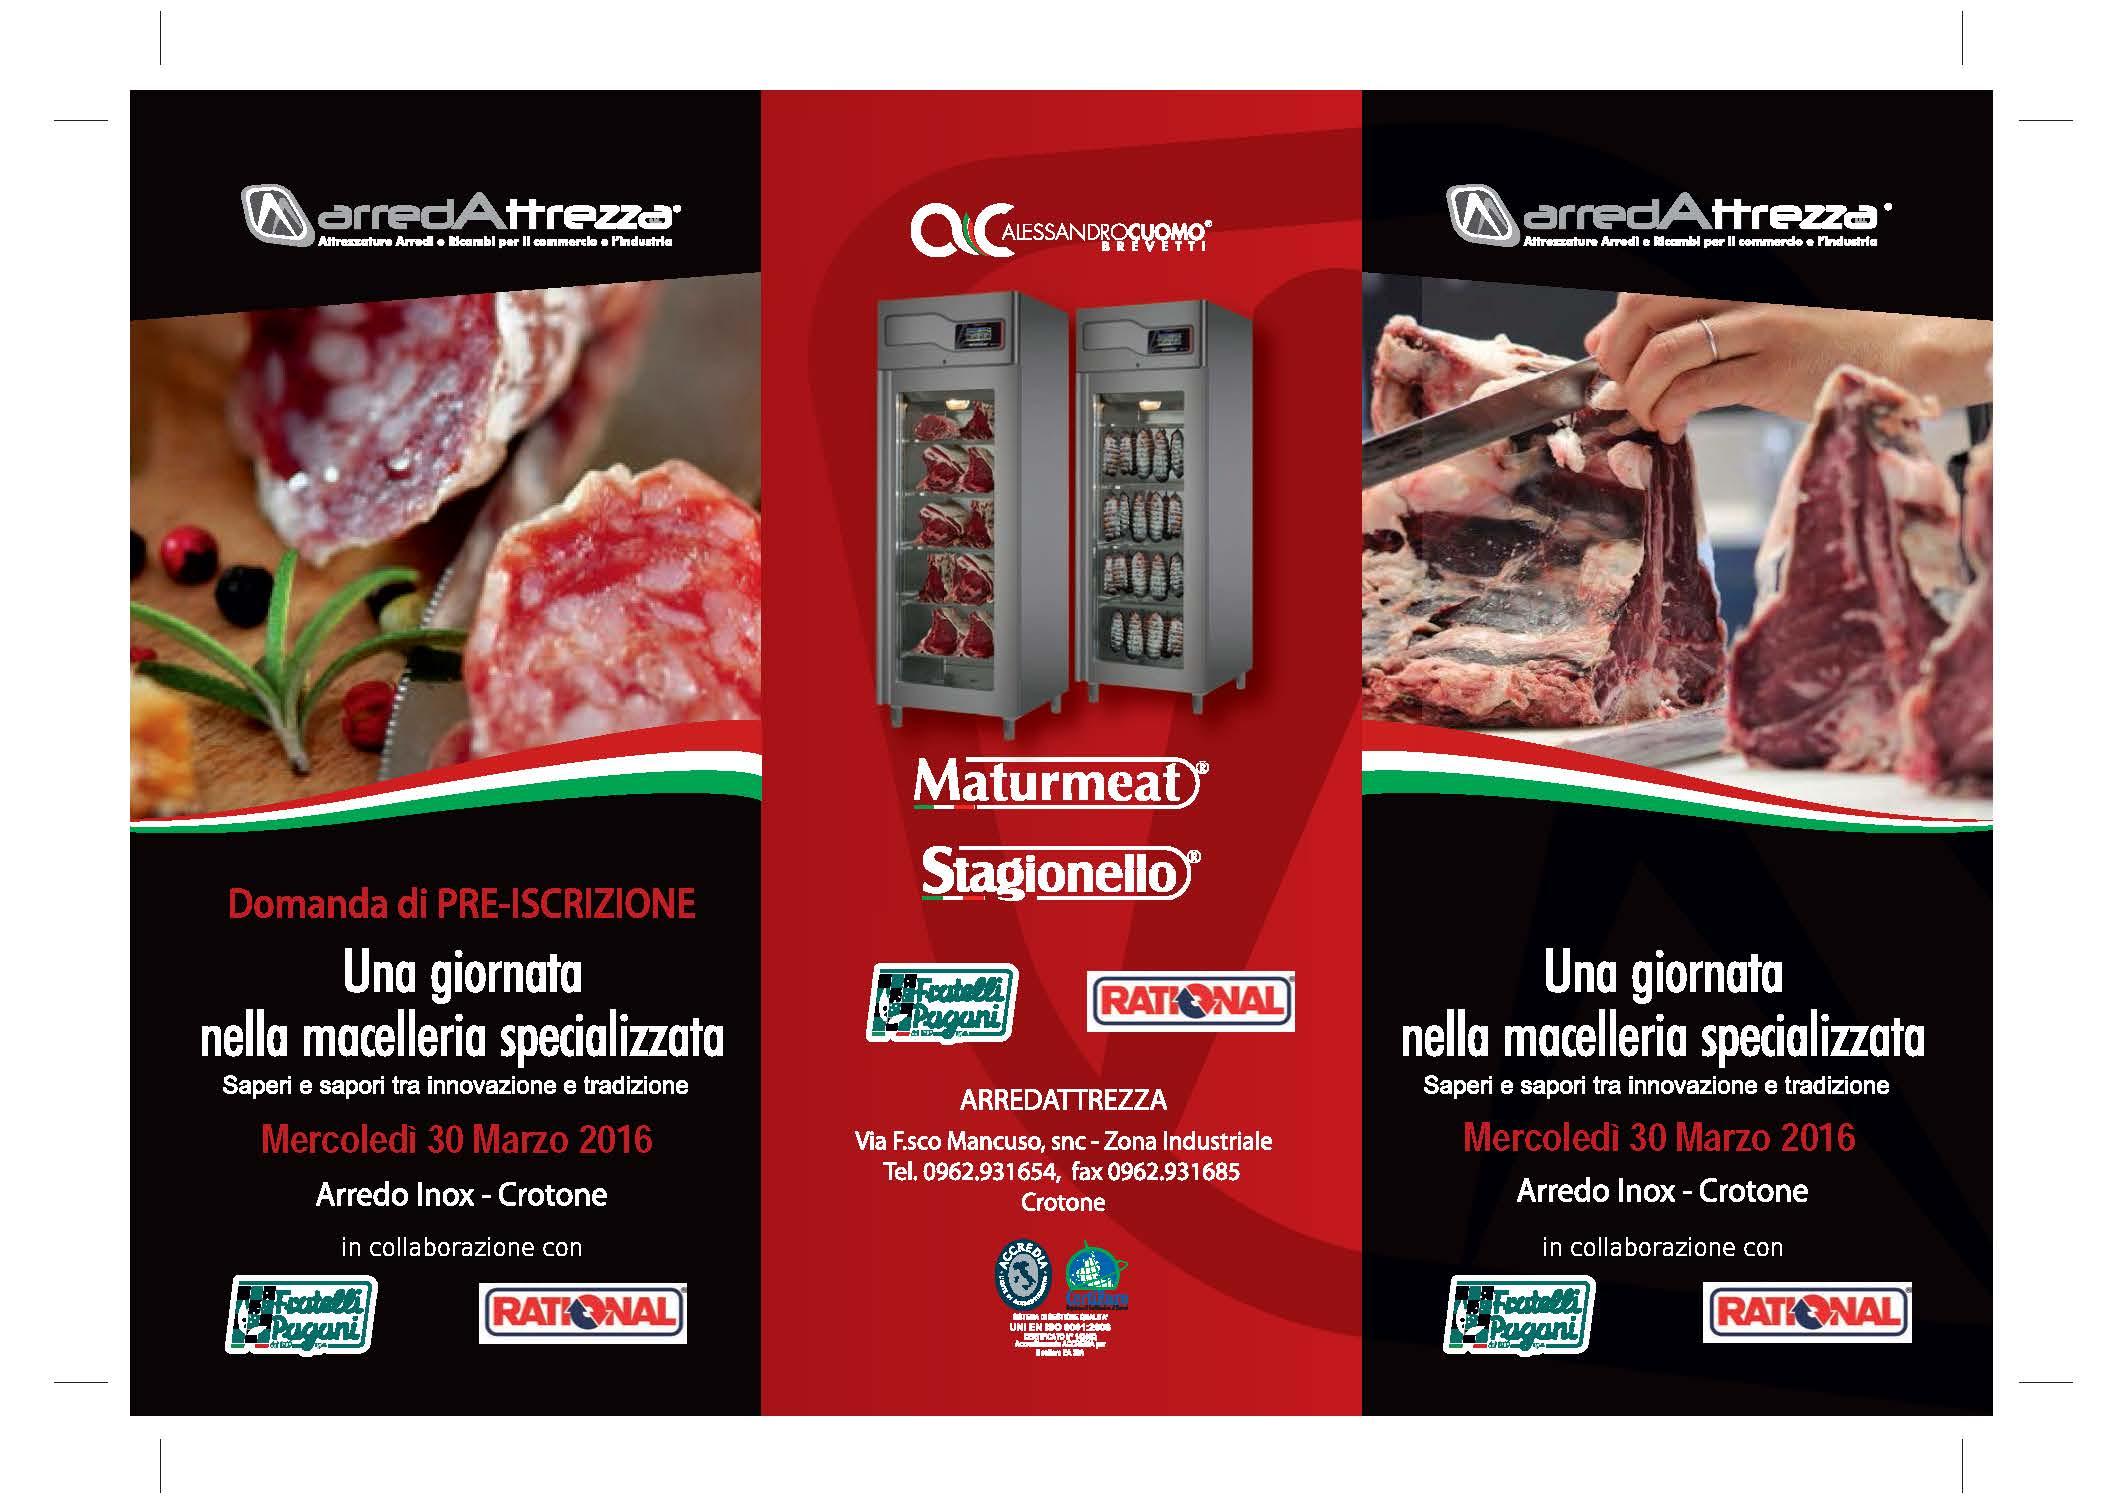 Arredattrezza una giornata nella macelleria specializzata for Arredo inox crotone